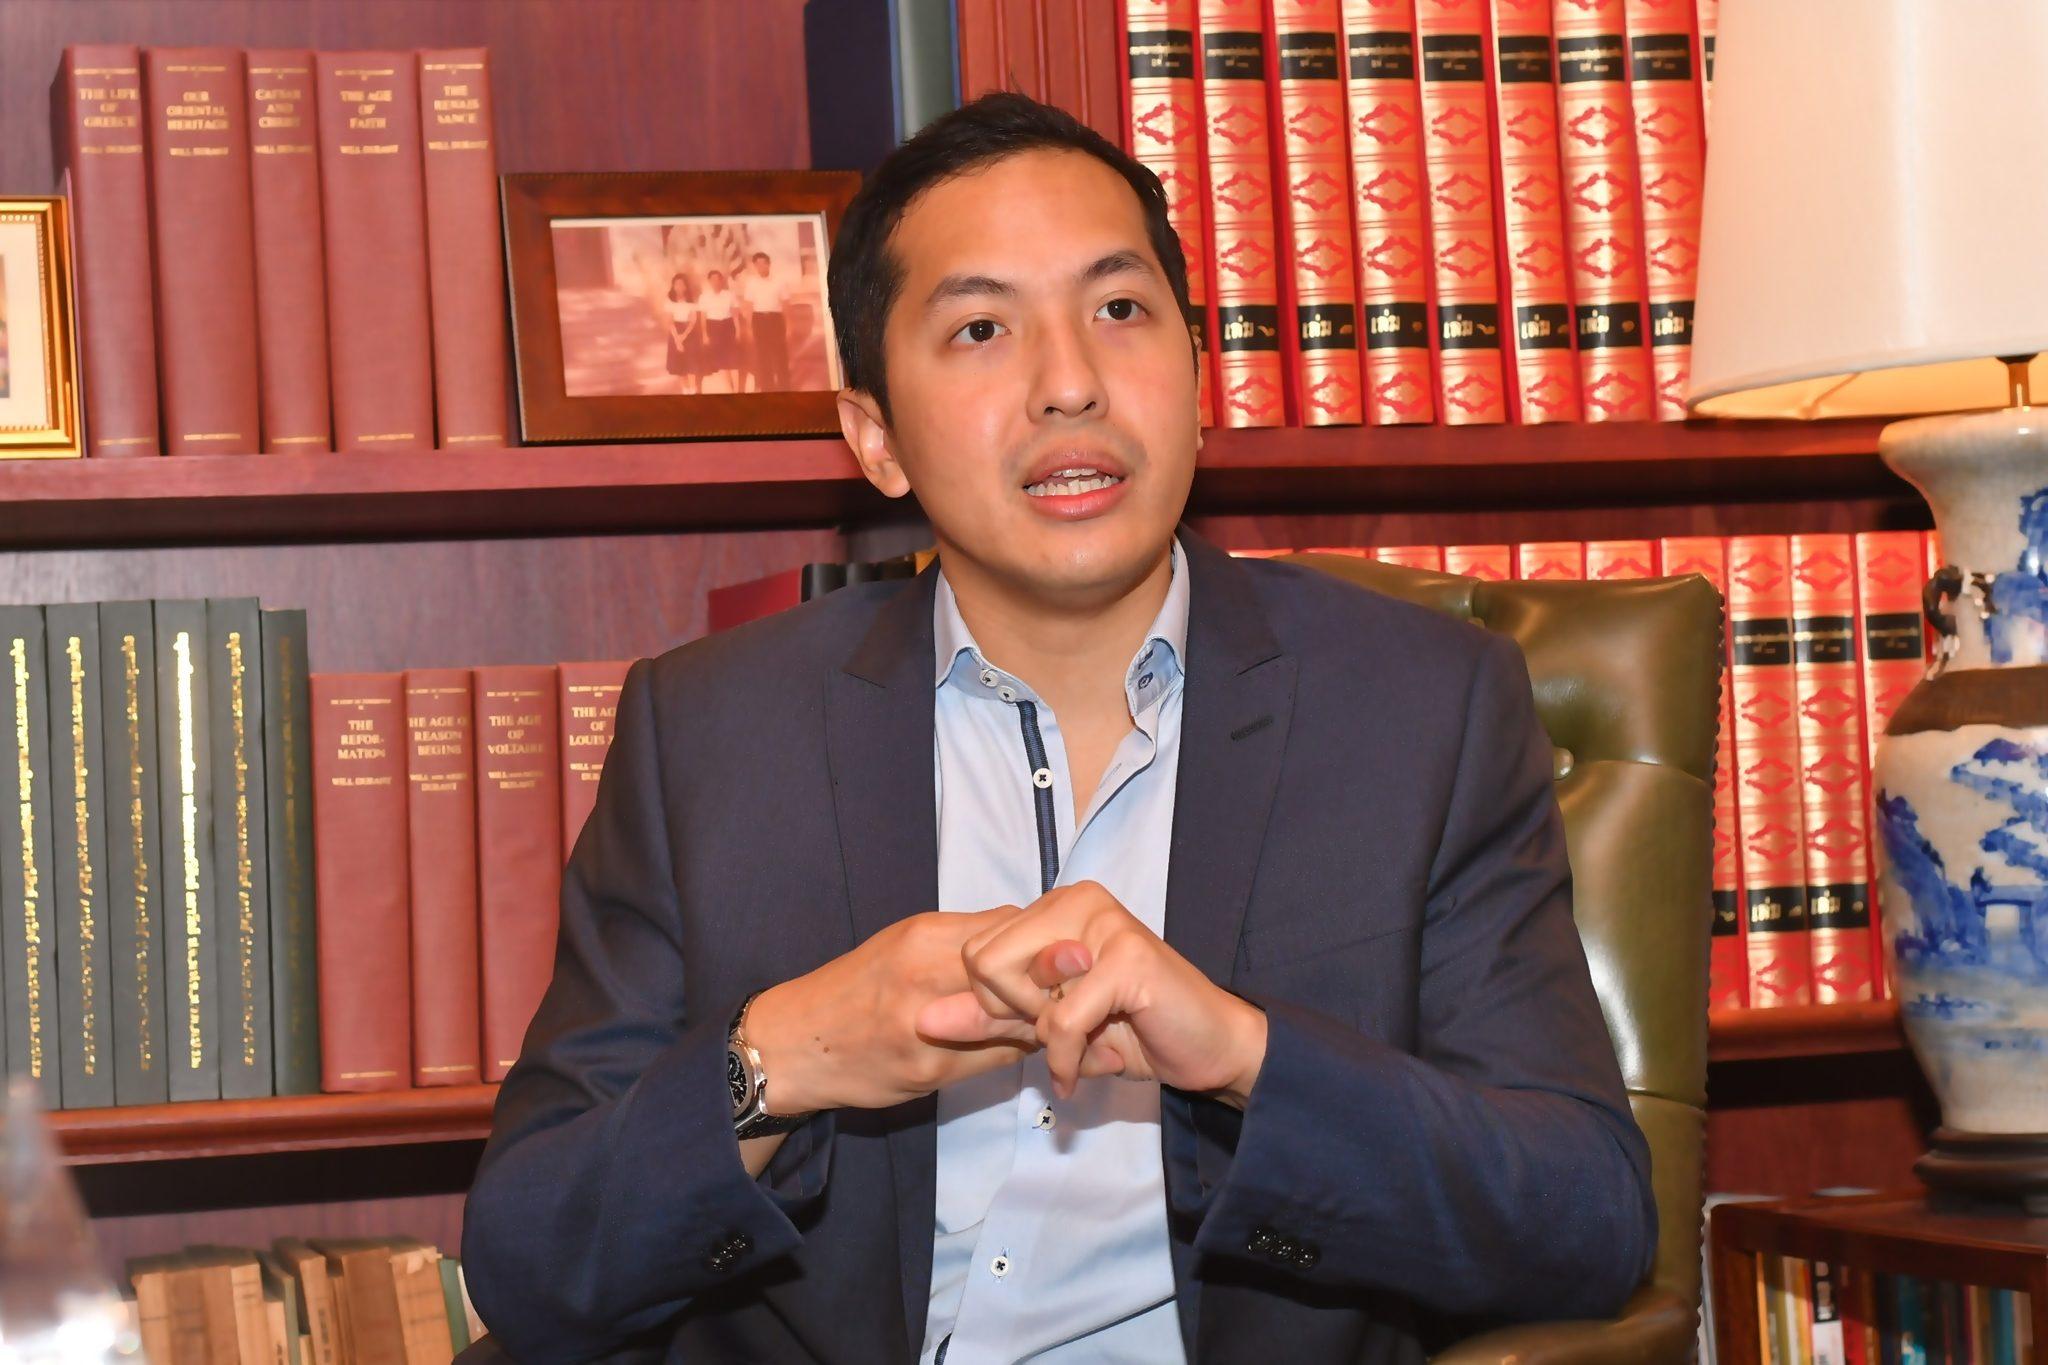 'สันติธาร เสถียรไทย' ชวนรับมือ 'ภาวะไม่ปกติแบบใหม่' ชี้อาจต้องเปิด-ปิดเมืองหลายรอบ